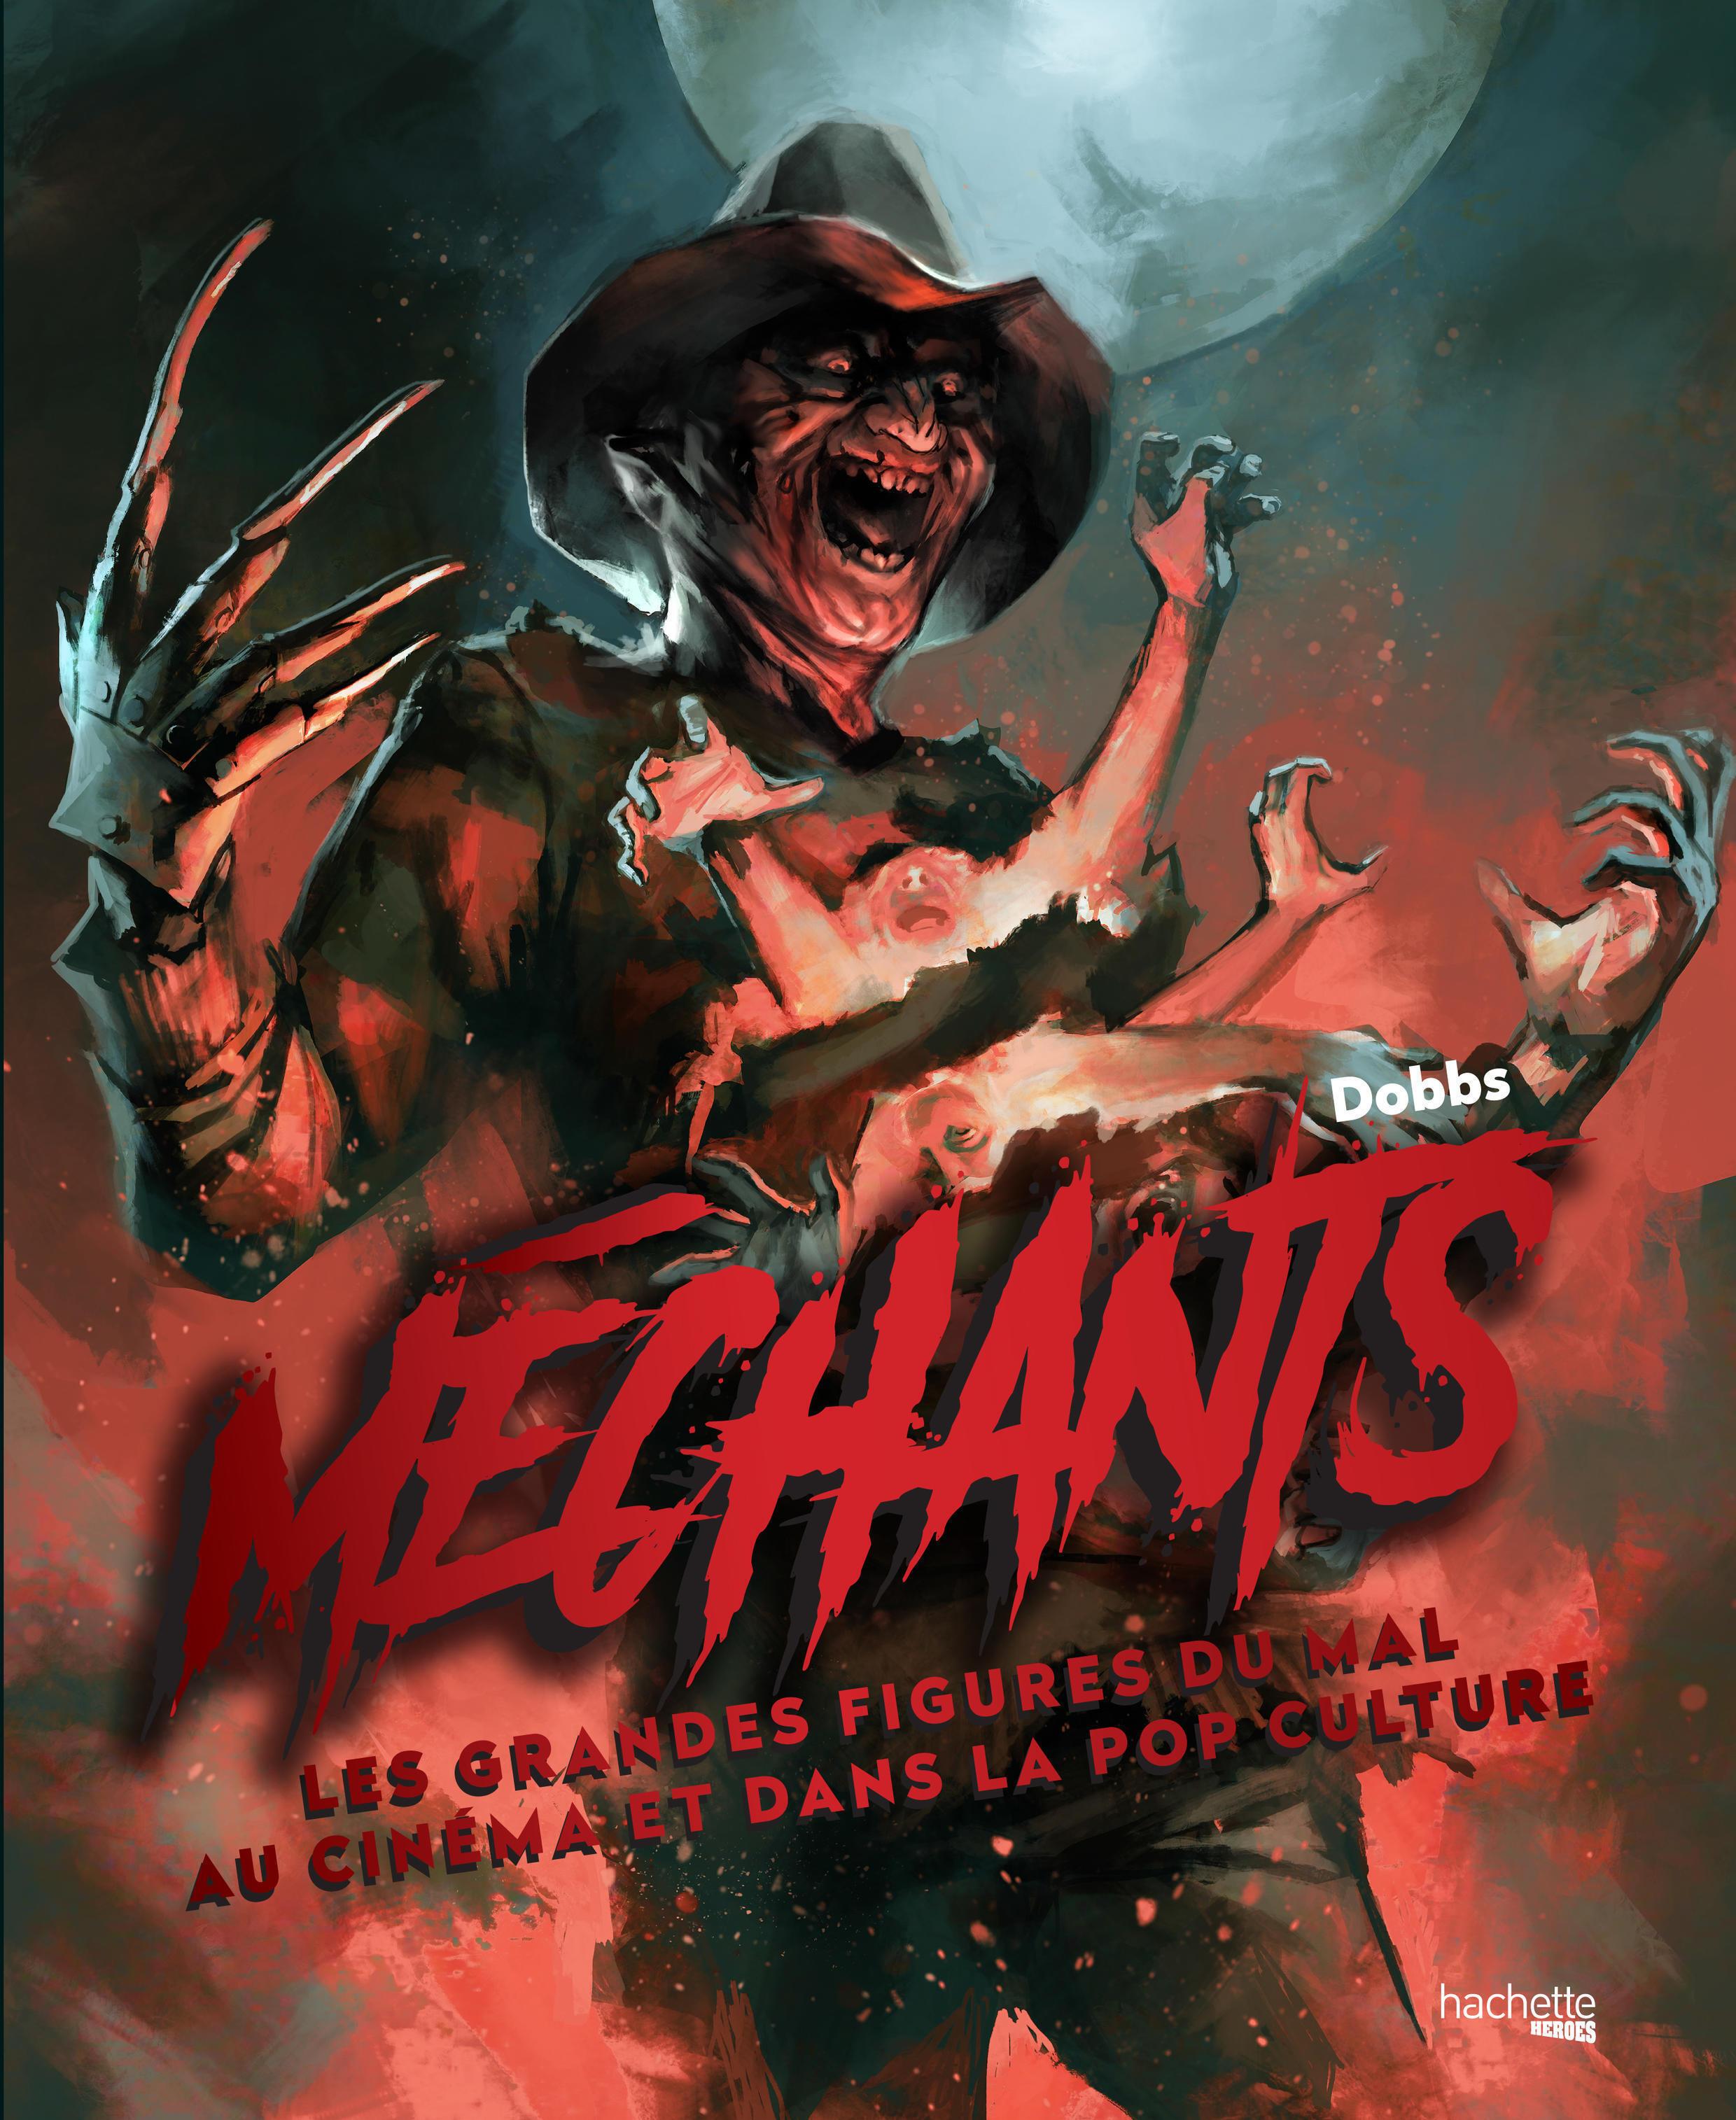 Couverture du livre «Méchants, les grandes figures du mal au cinéma et dans la Pop culture», de Dobbs.